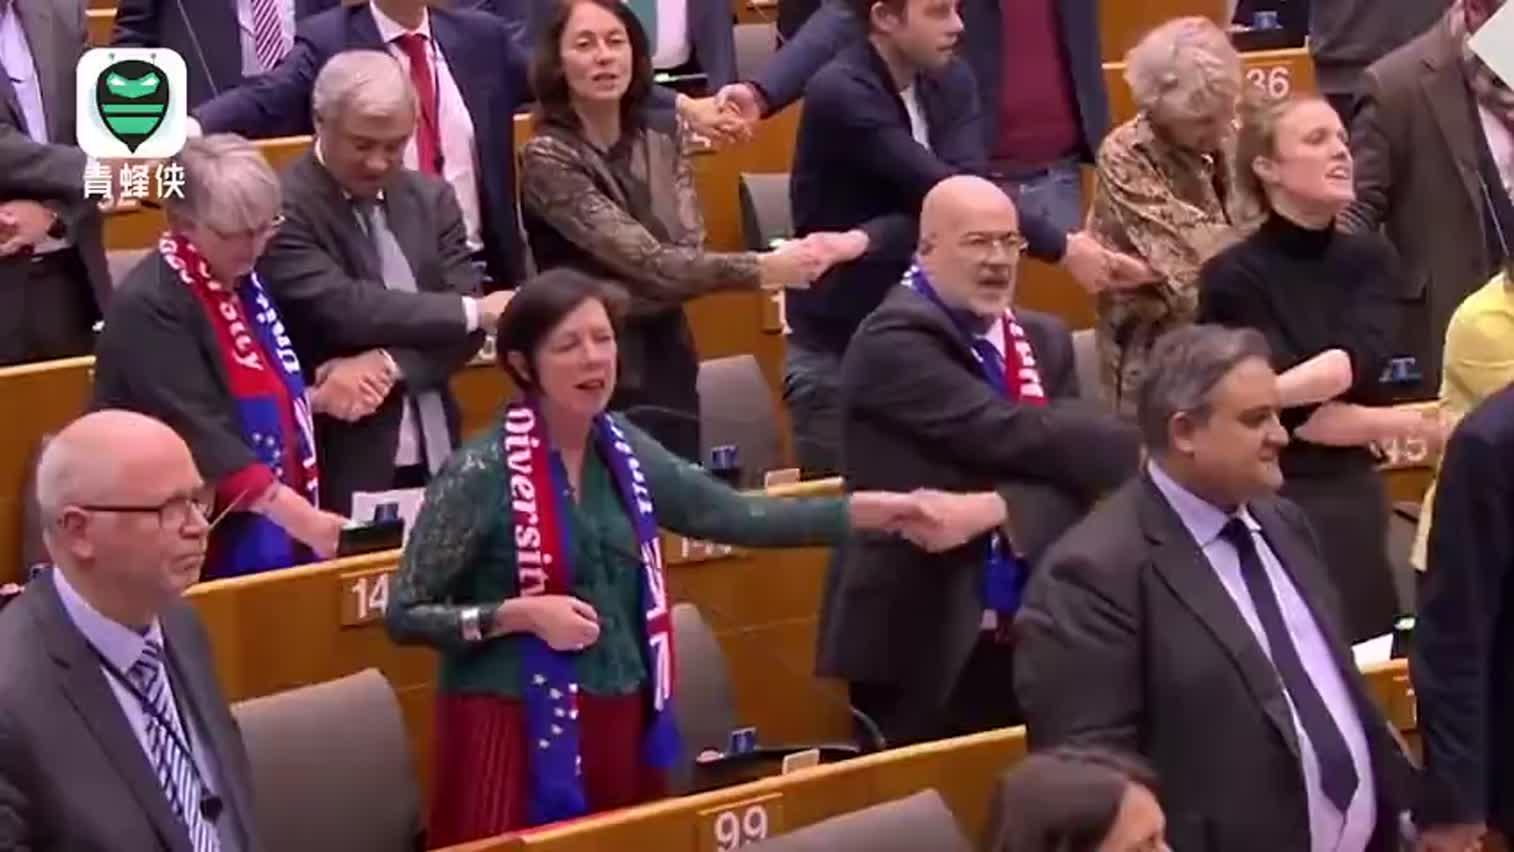 视频-欧洲议会通过英国脱欧协议 议员牵手合唱《友